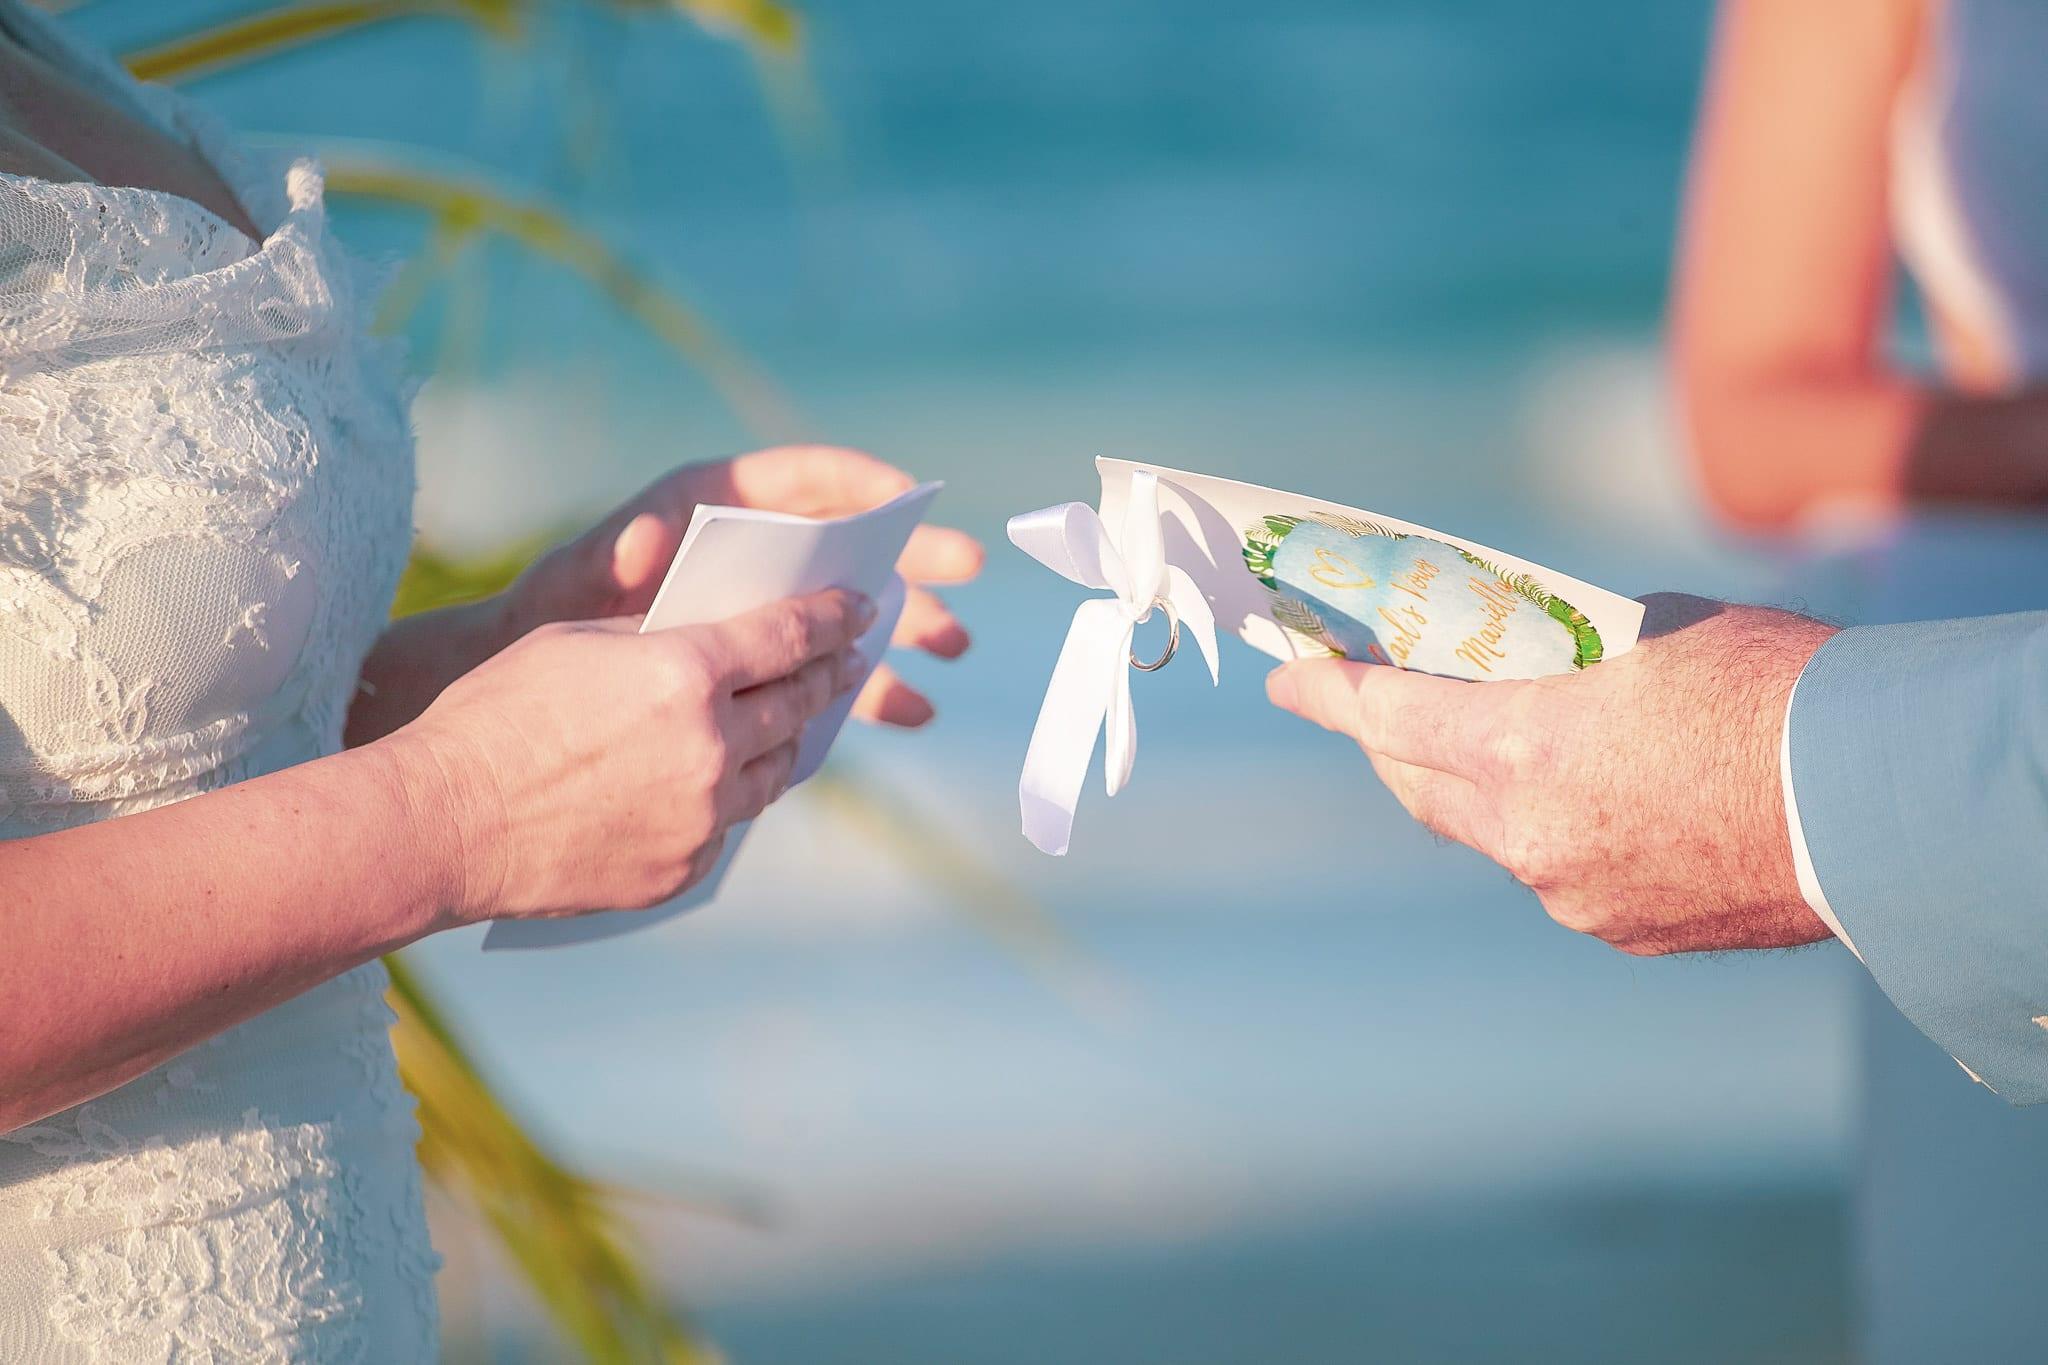 сватбени обещания, декорация на сватбена агенция Приказен ден, сватбен агент Мариела Уилсън